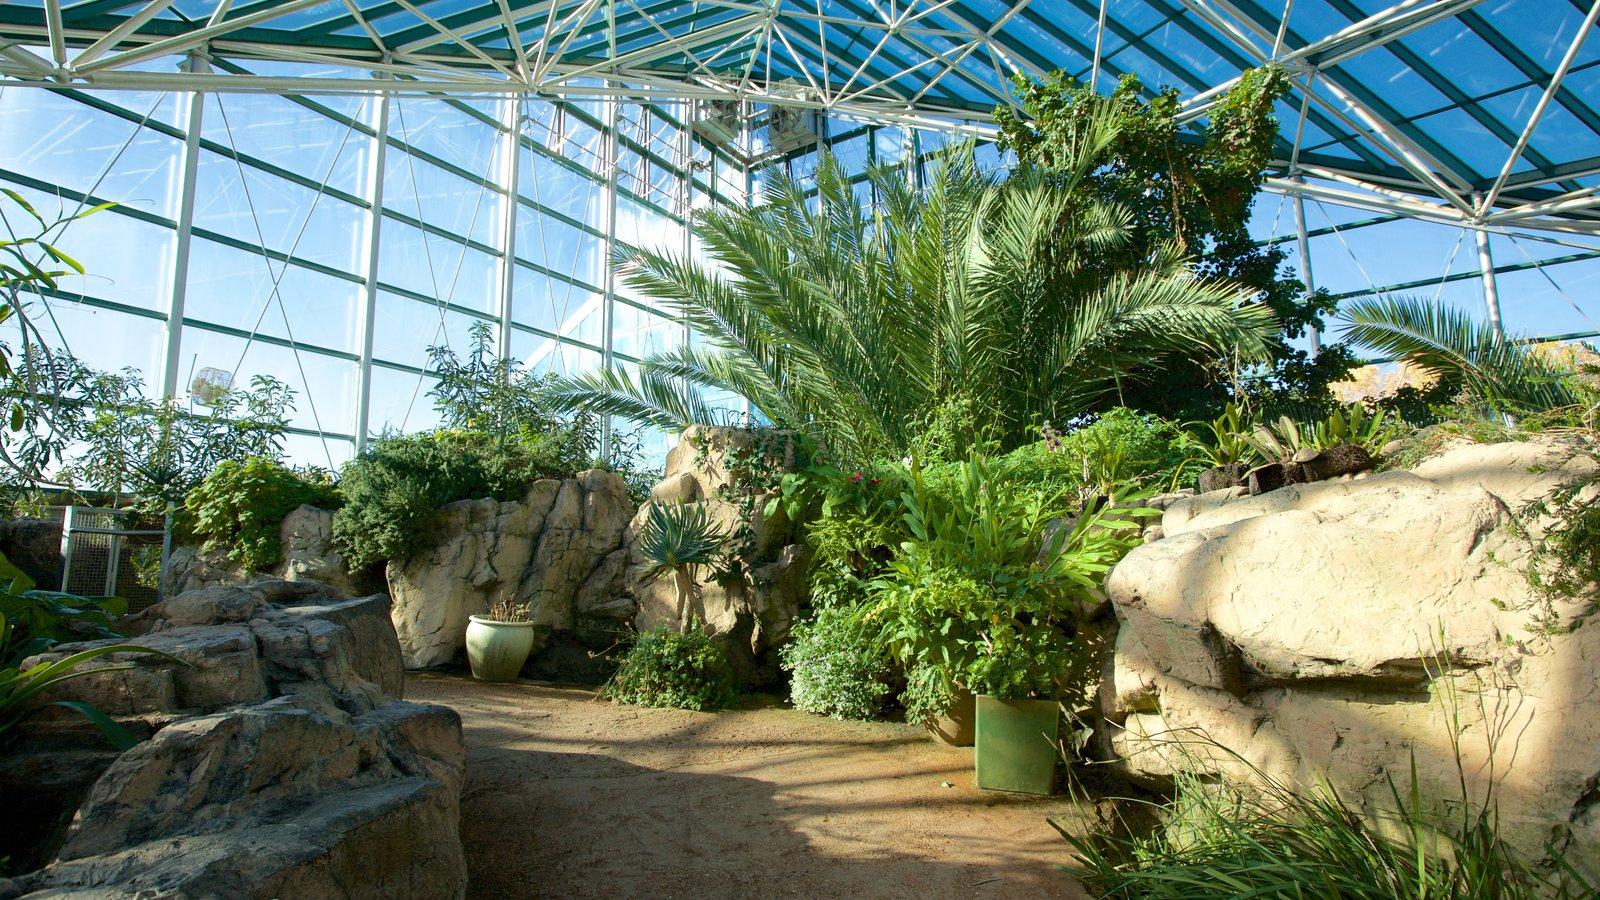 rio grande botanical garden pictures: view photos & images of rio